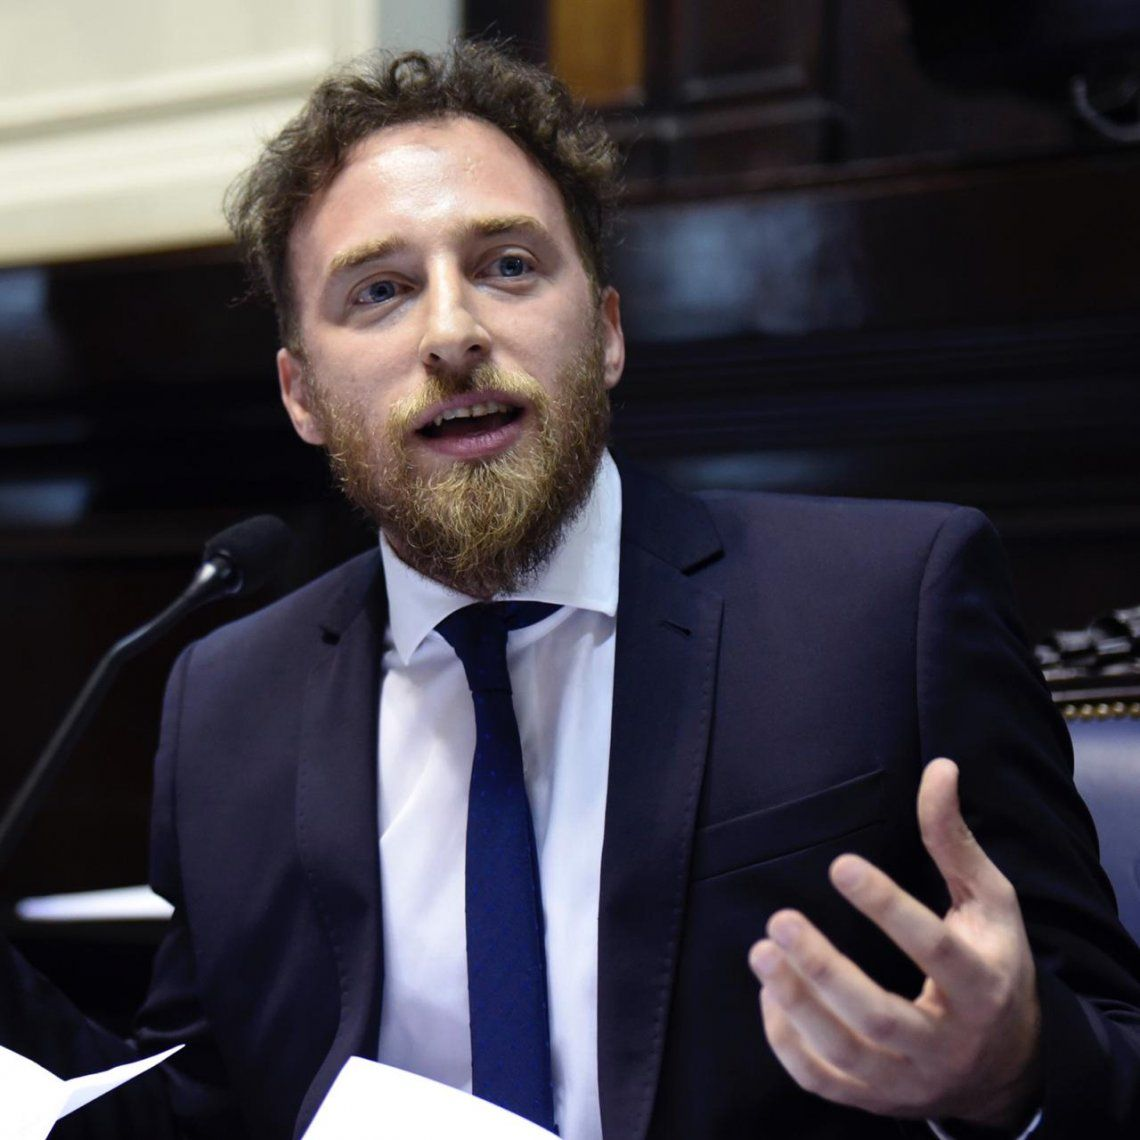 Federico Otermín cruzó a Cambiemos por no tratar la Ley de Financiamiento: Es una irresponsabilidad galopante dejar a la Provincia sin recursos en un momento como este